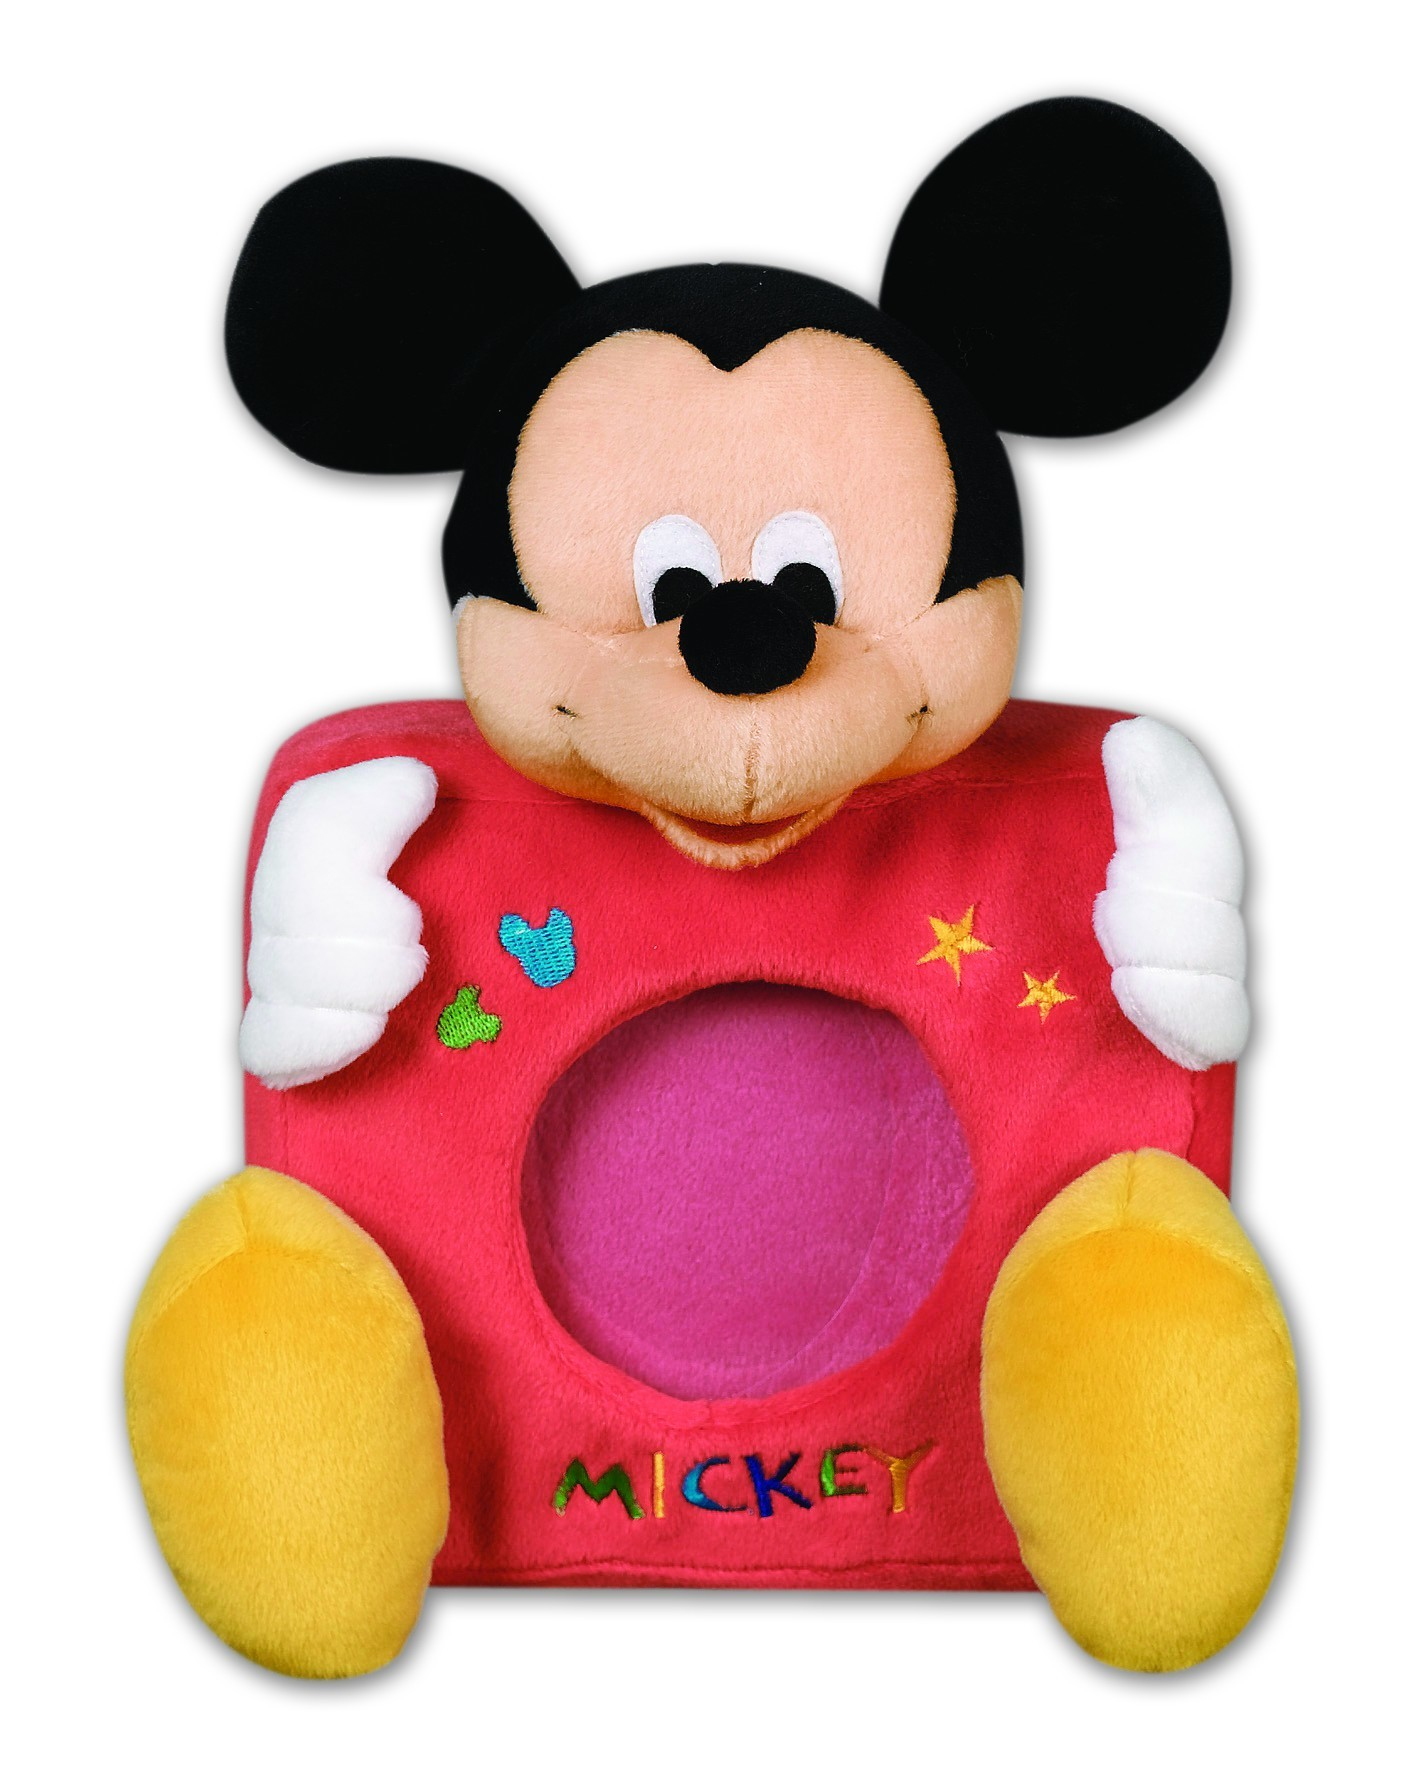 Mickey mouse fotorámček - mickey